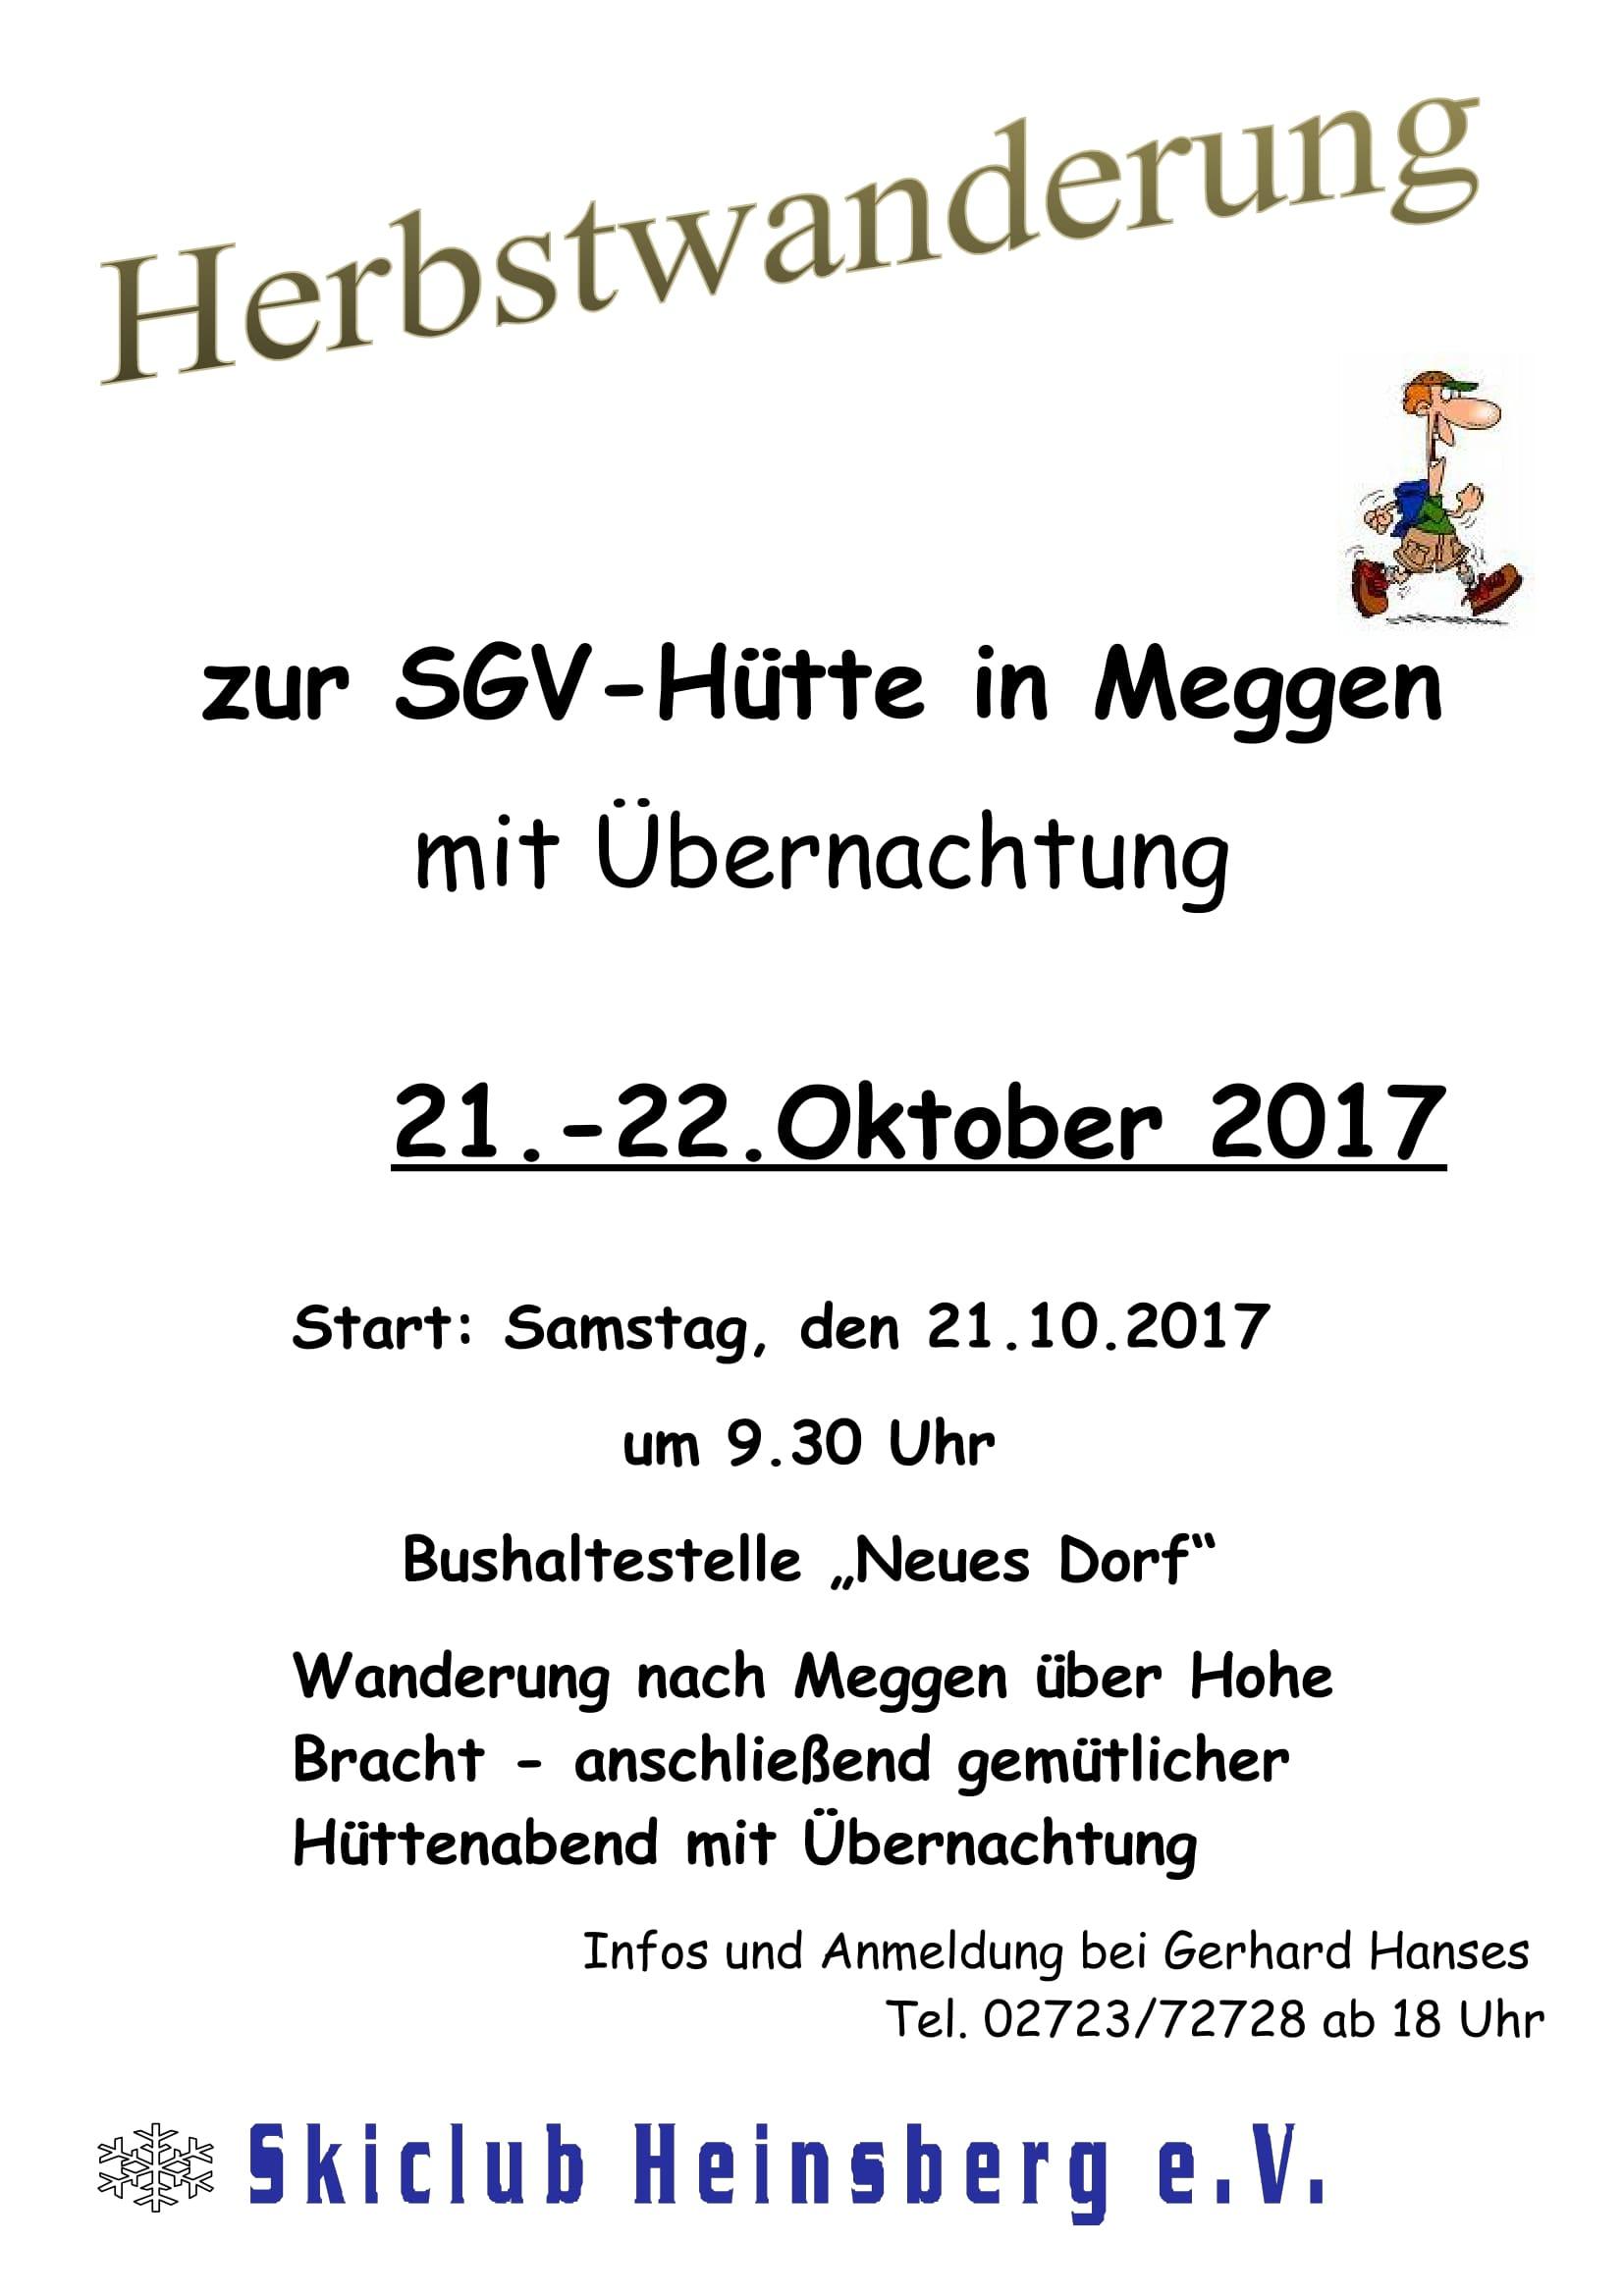 Plakat Herbstwanderung SGV Meggen